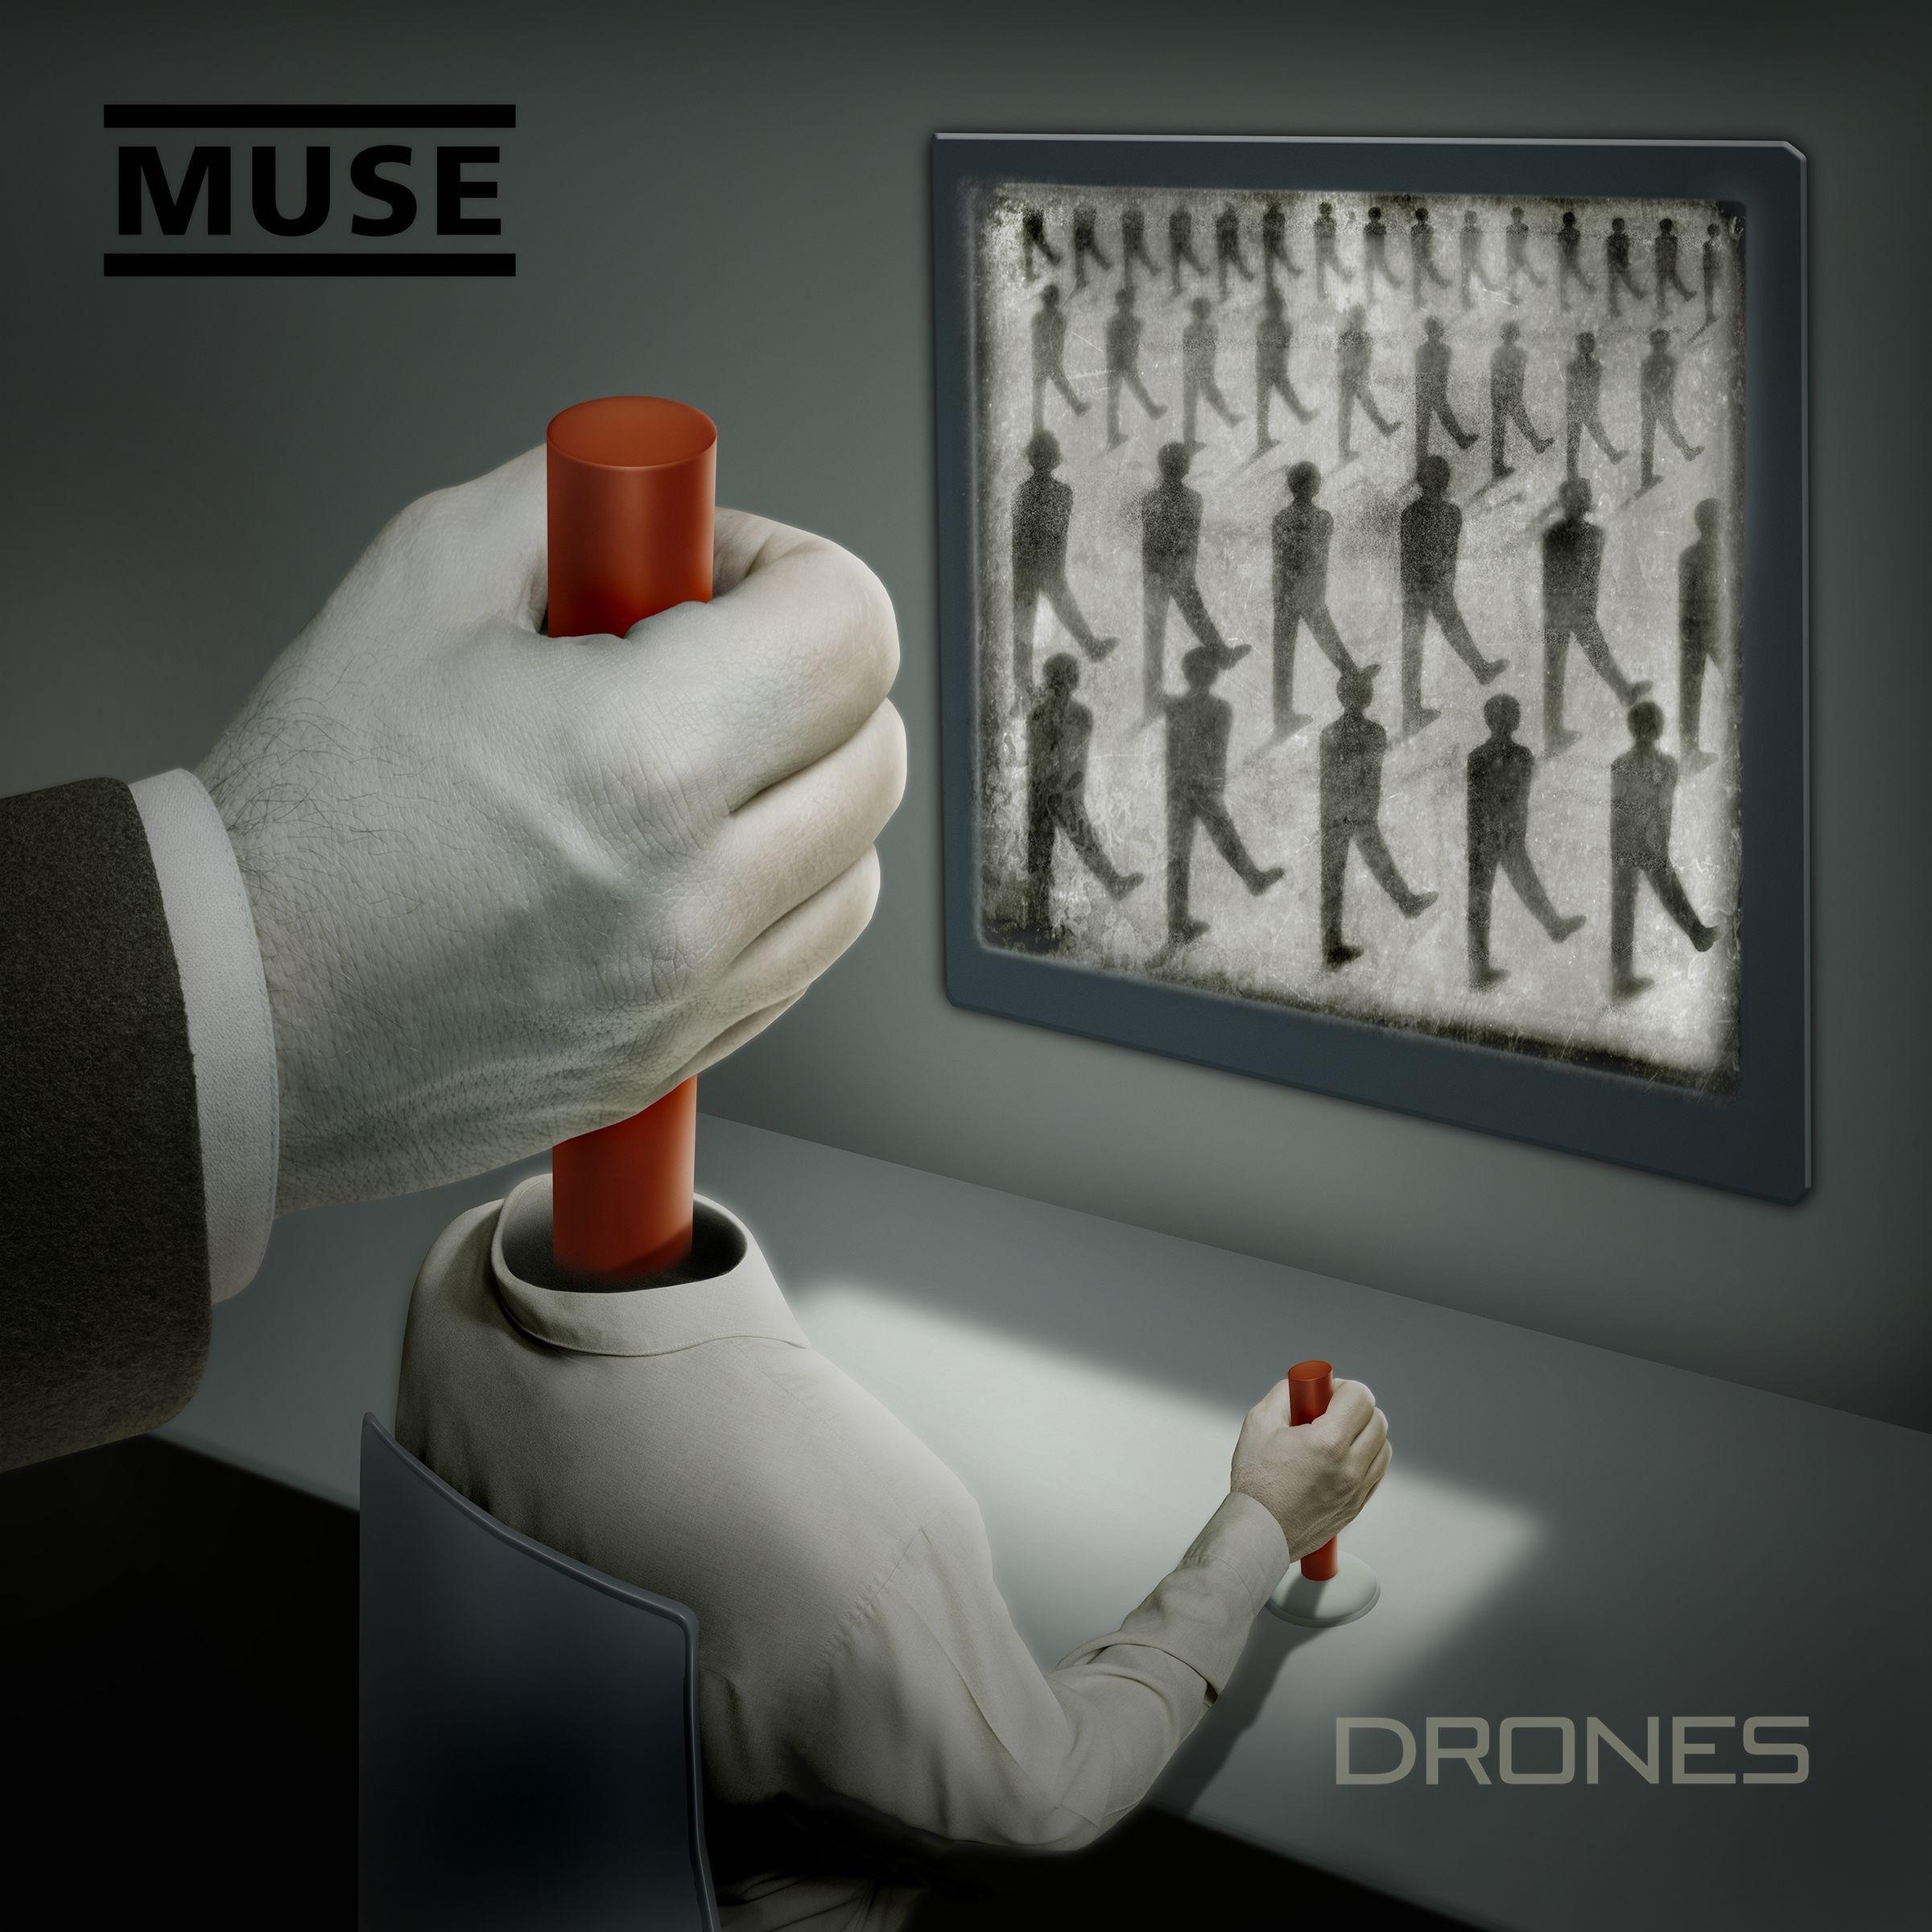 Muse - Drones album cover